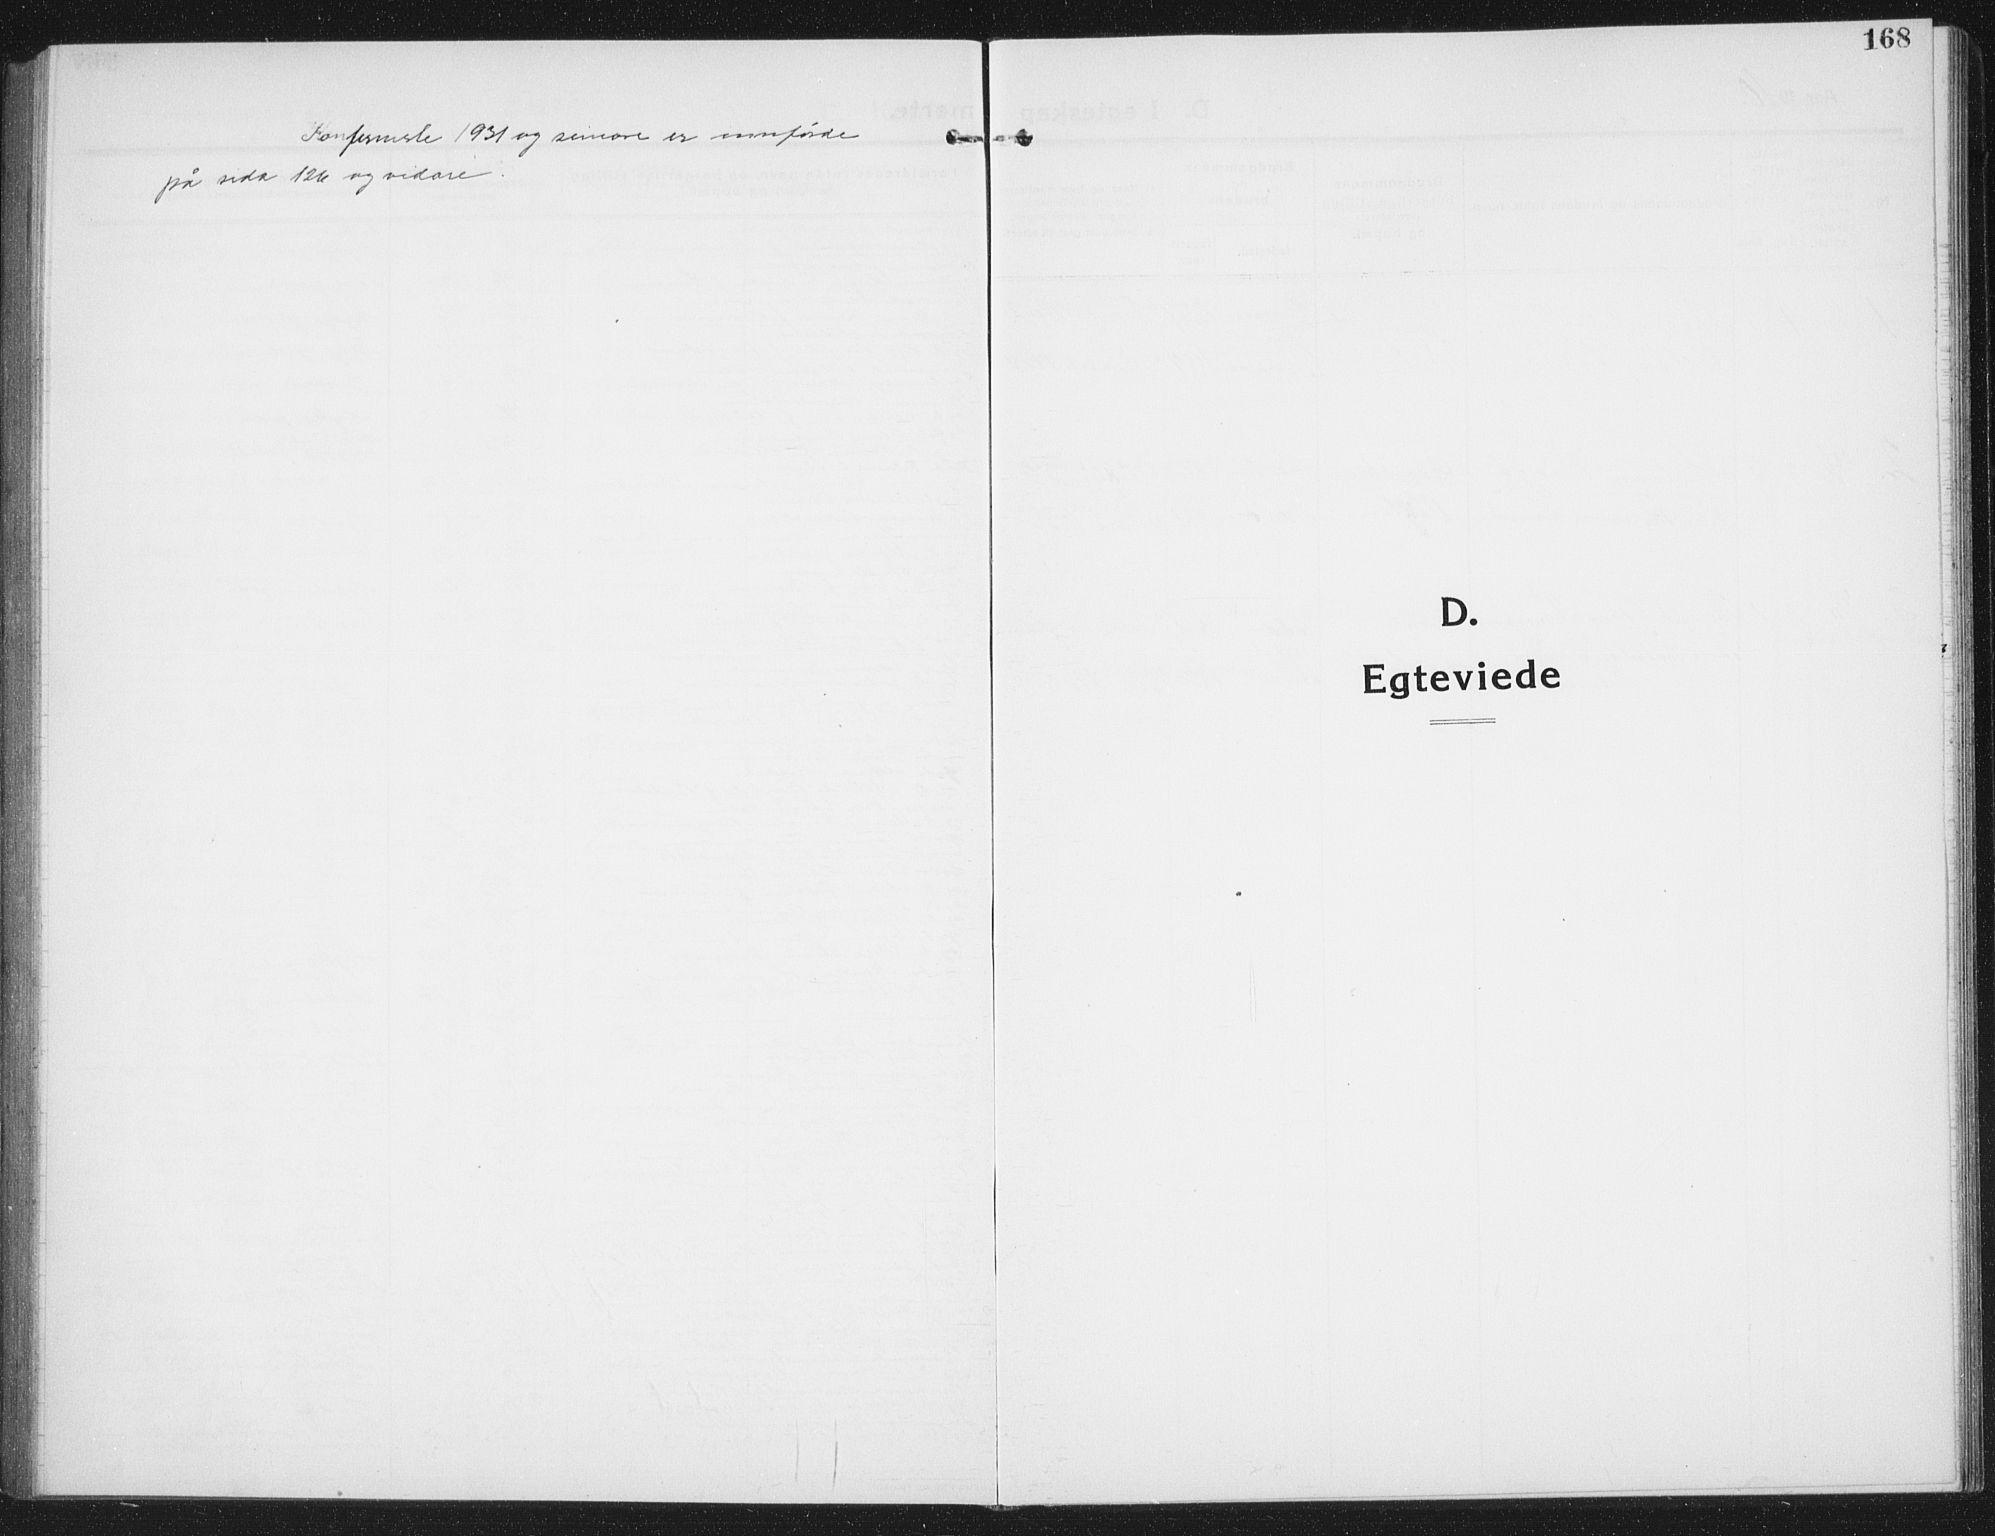 SAT, Ministerialprotokoller, klokkerbøker og fødselsregistre - Nord-Trøndelag, 774/L0630: Klokkerbok nr. 774C01, 1910-1934, s. 168